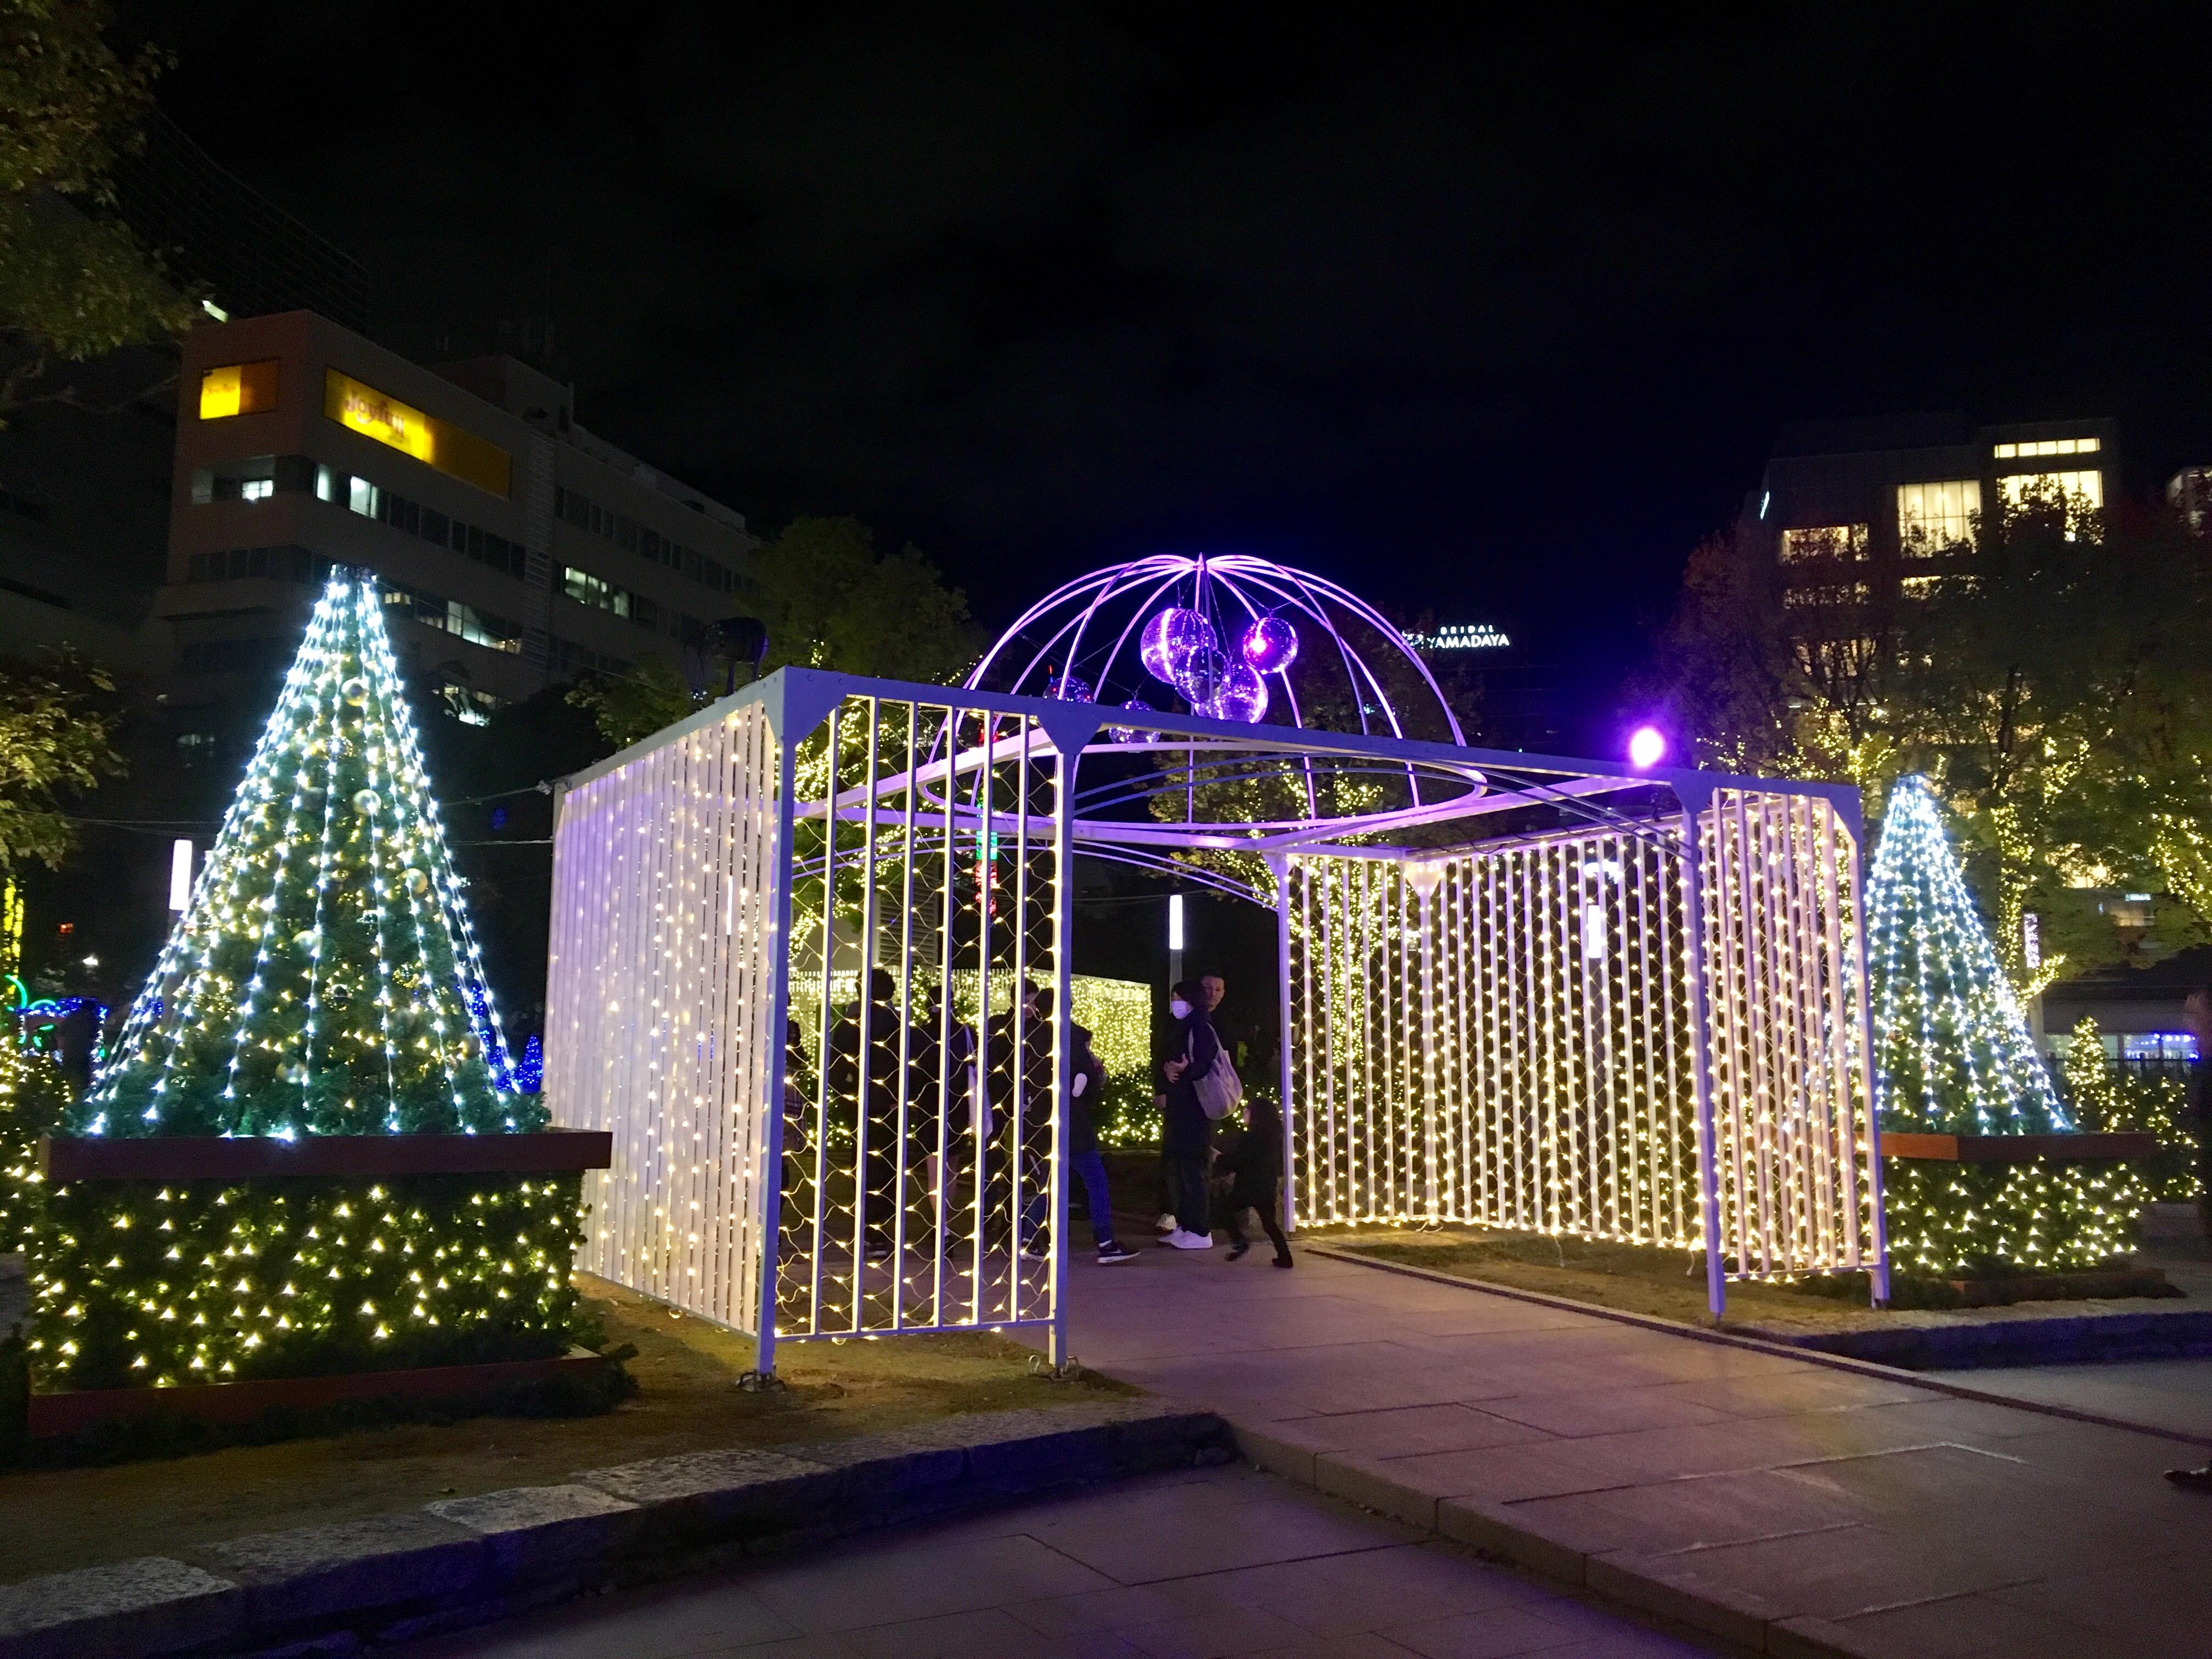 ヒカリスクエア警固公園ライトアップ中央